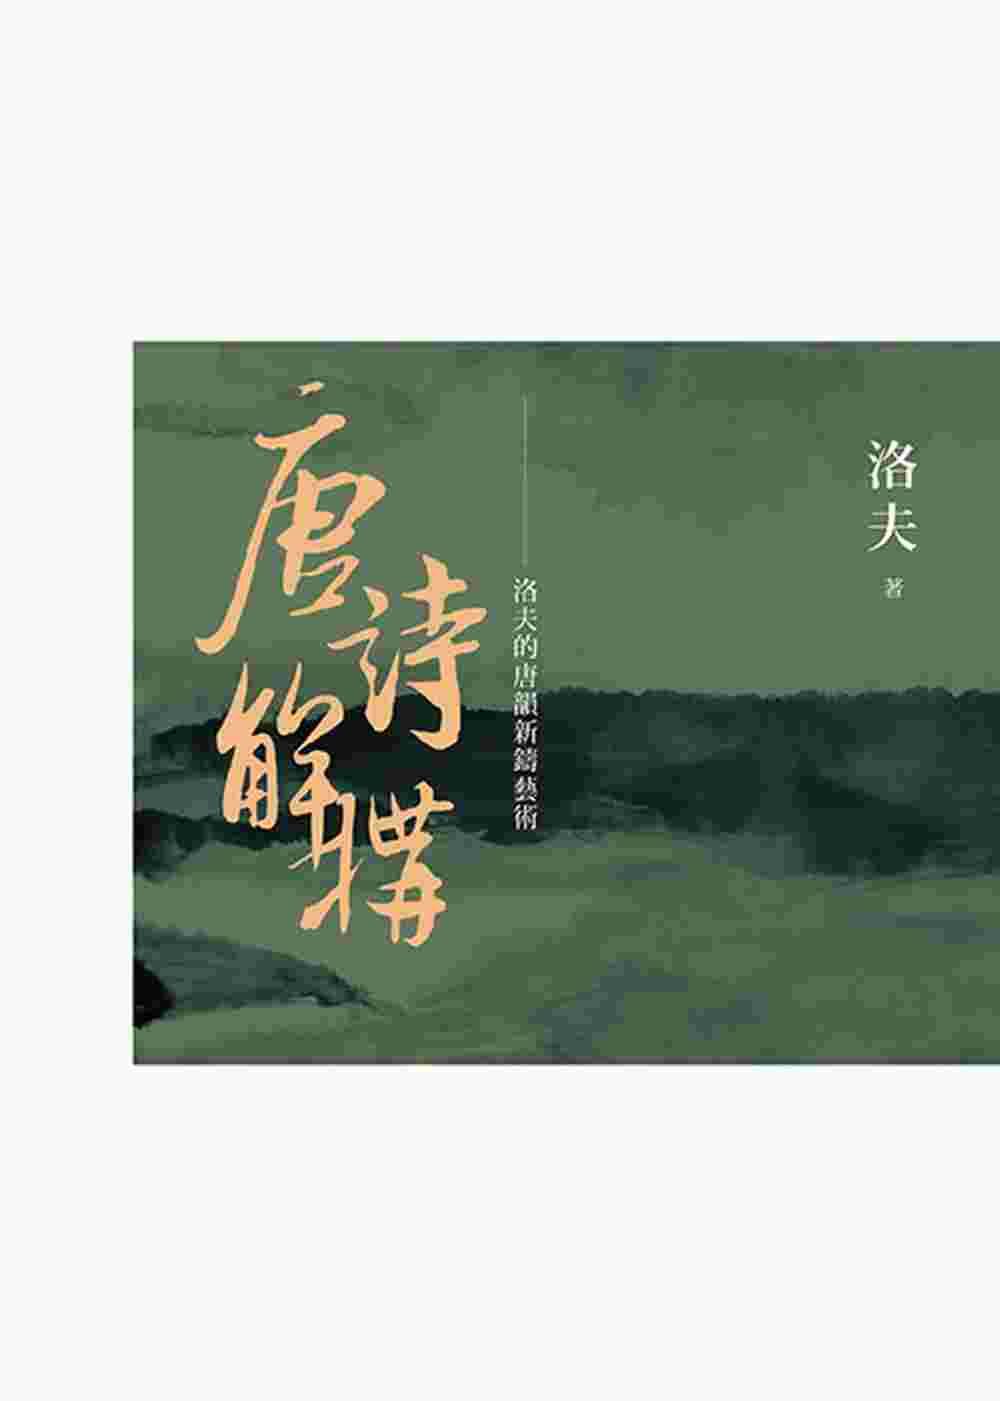 唐詩解構:洛夫的唐韻新鑄藝術